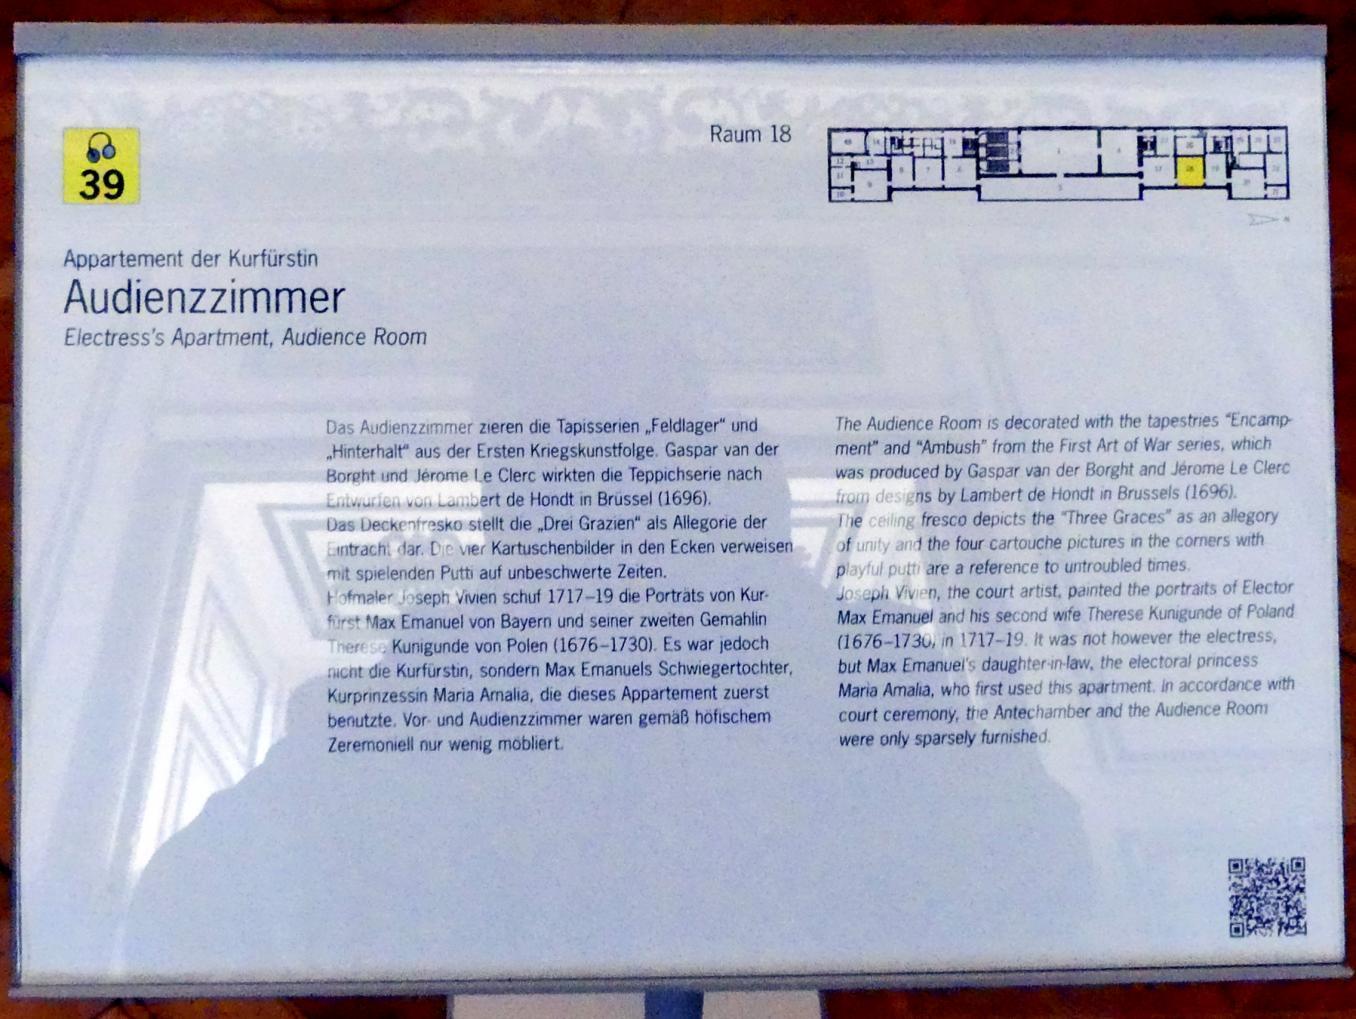 Schleißheim, Staatsgalerie im Neuen Schloss, Audienzzimmer im Appartement der Kurfürstin, Bild 4/4